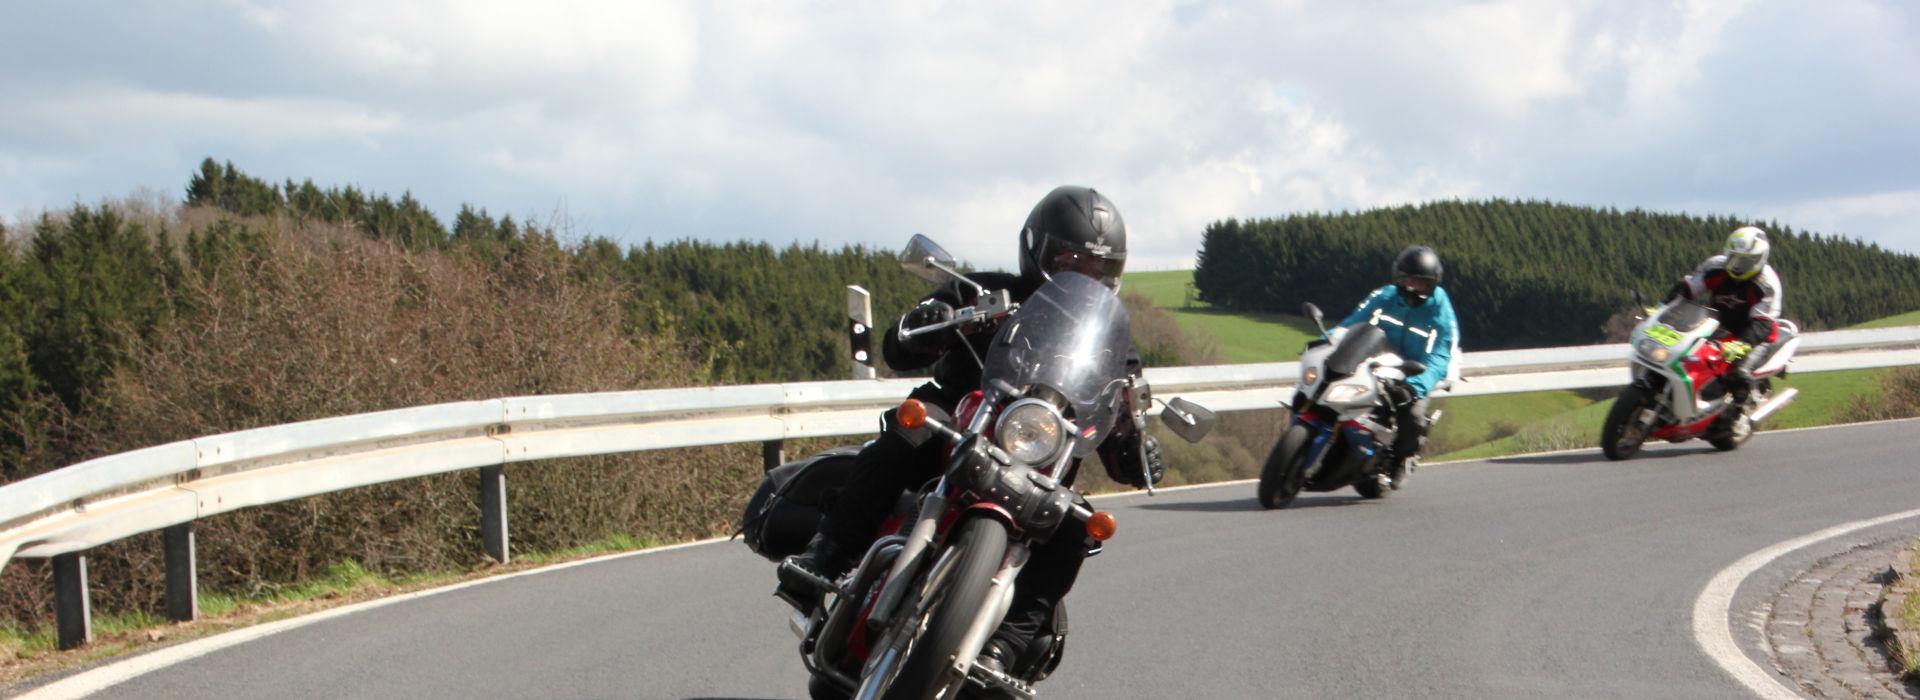 Motorrijbewijspoint Zoetermeer motorrijlessen